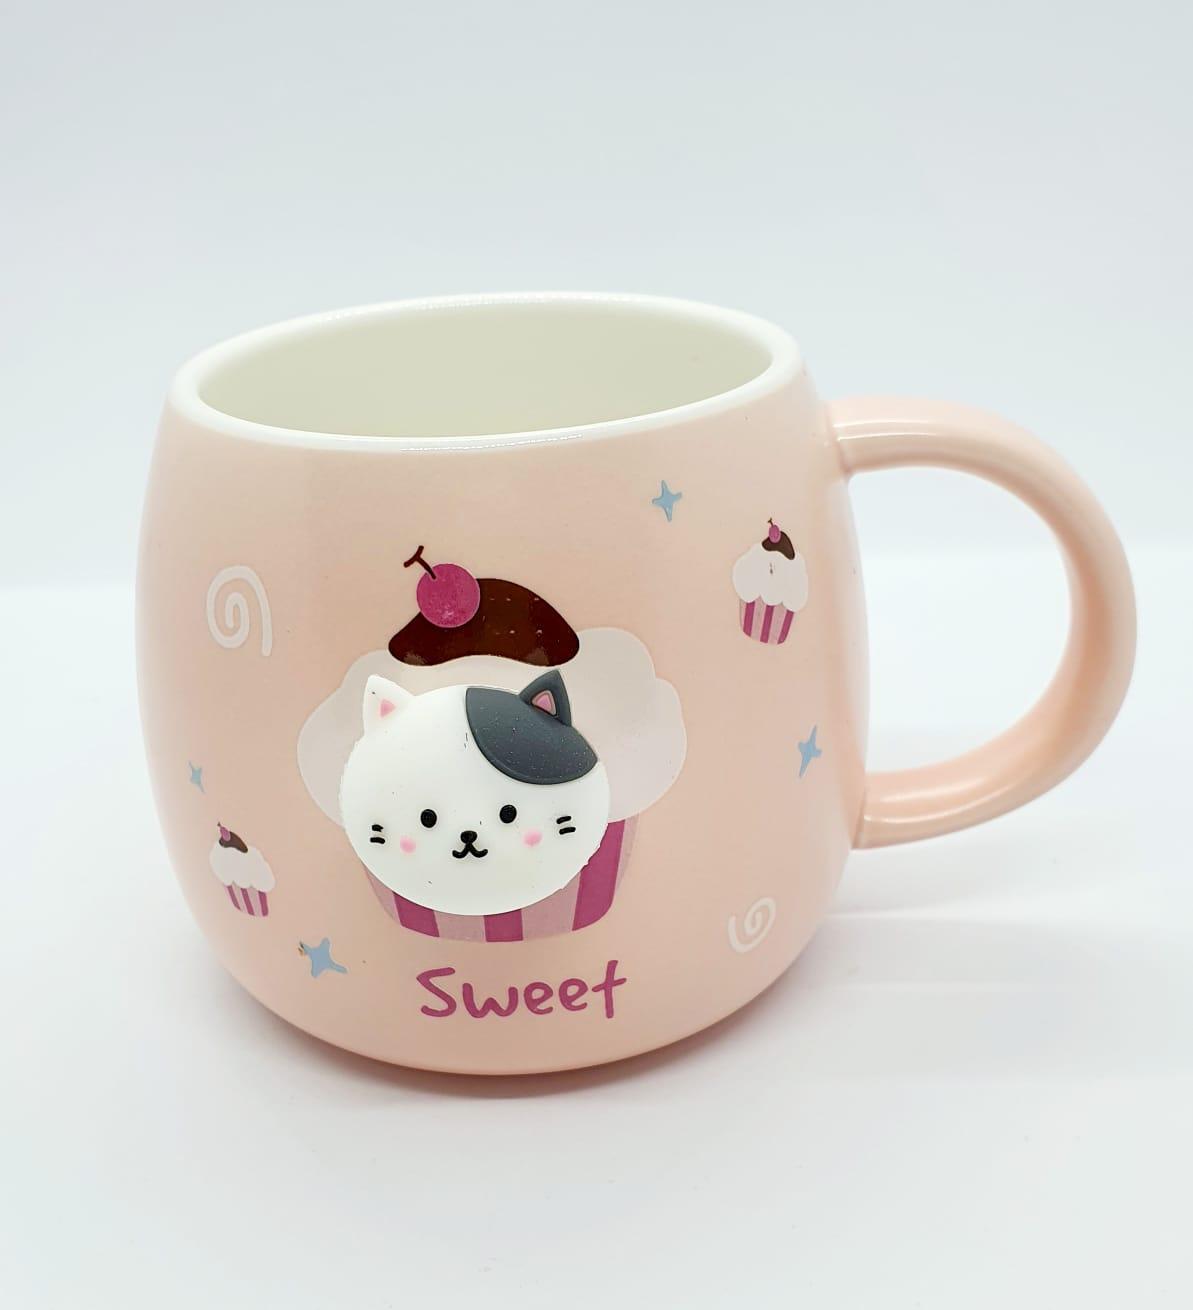 Caneca/Vaso gatinho Sweet rosa em cerâmica - 350ml